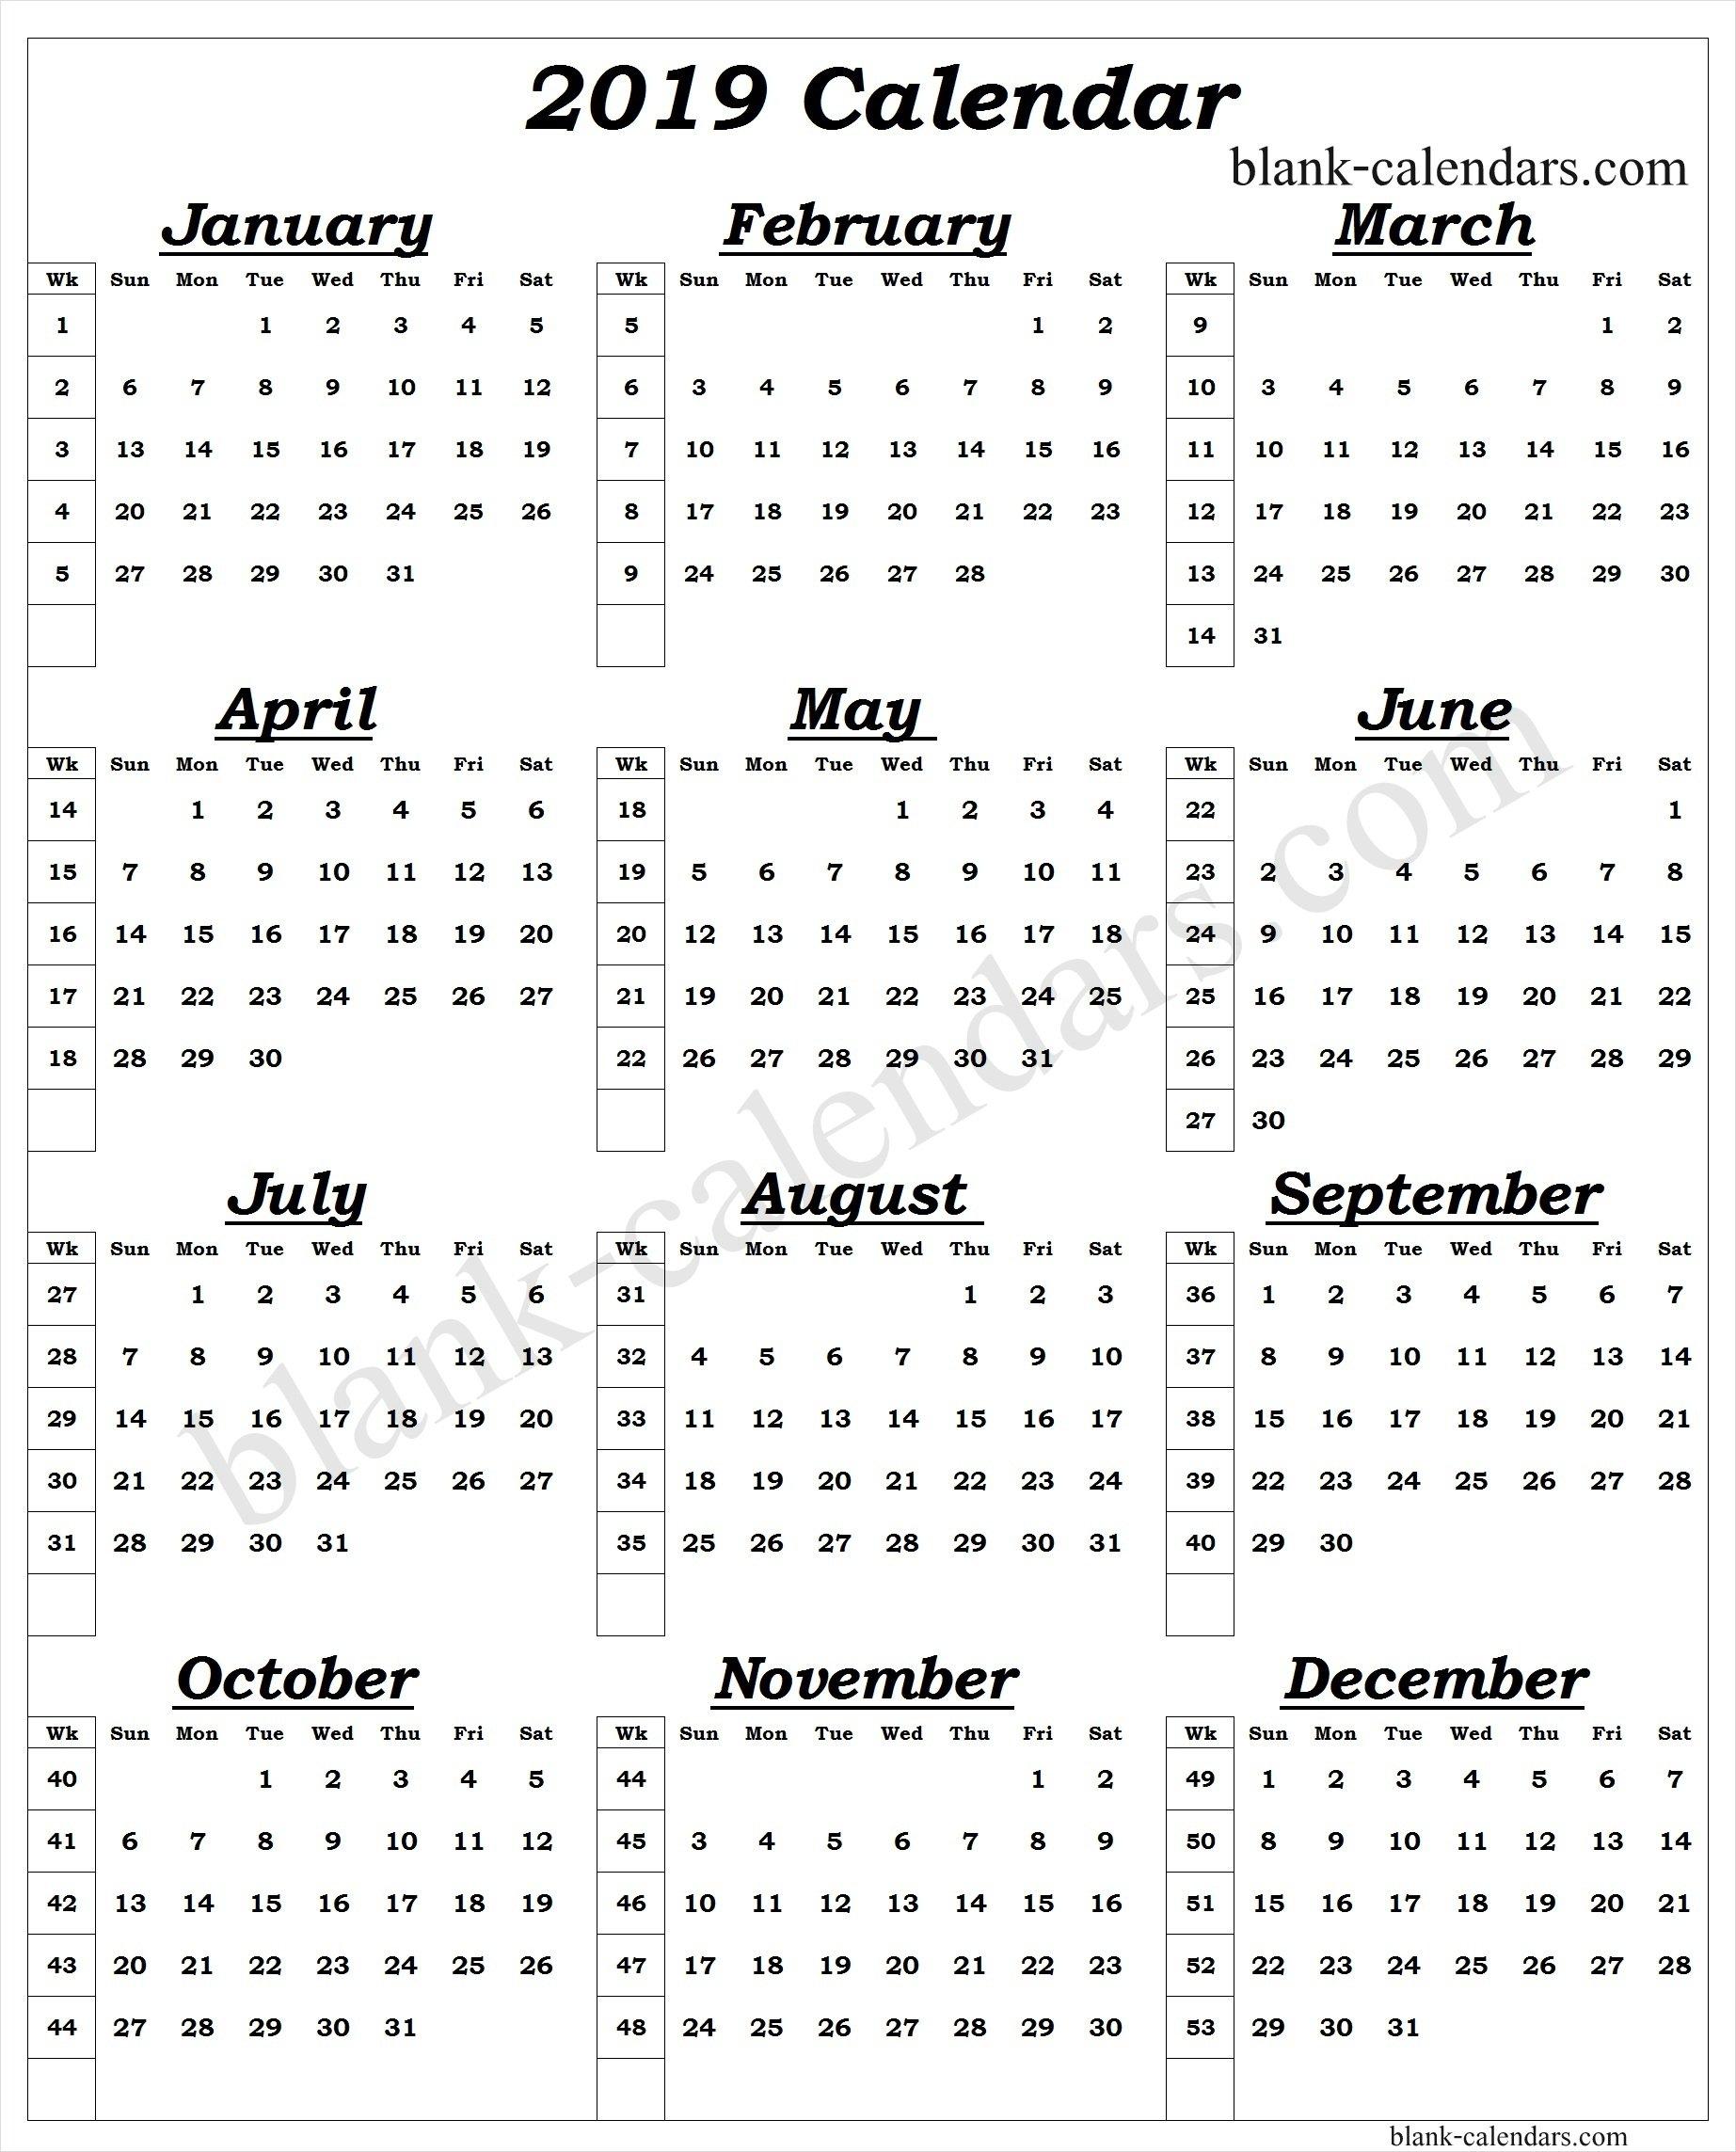 Year Calendar 2019 With Week Numbers (1) – Print Blank Calendar Template Calendar 2019 Numbered Weeks